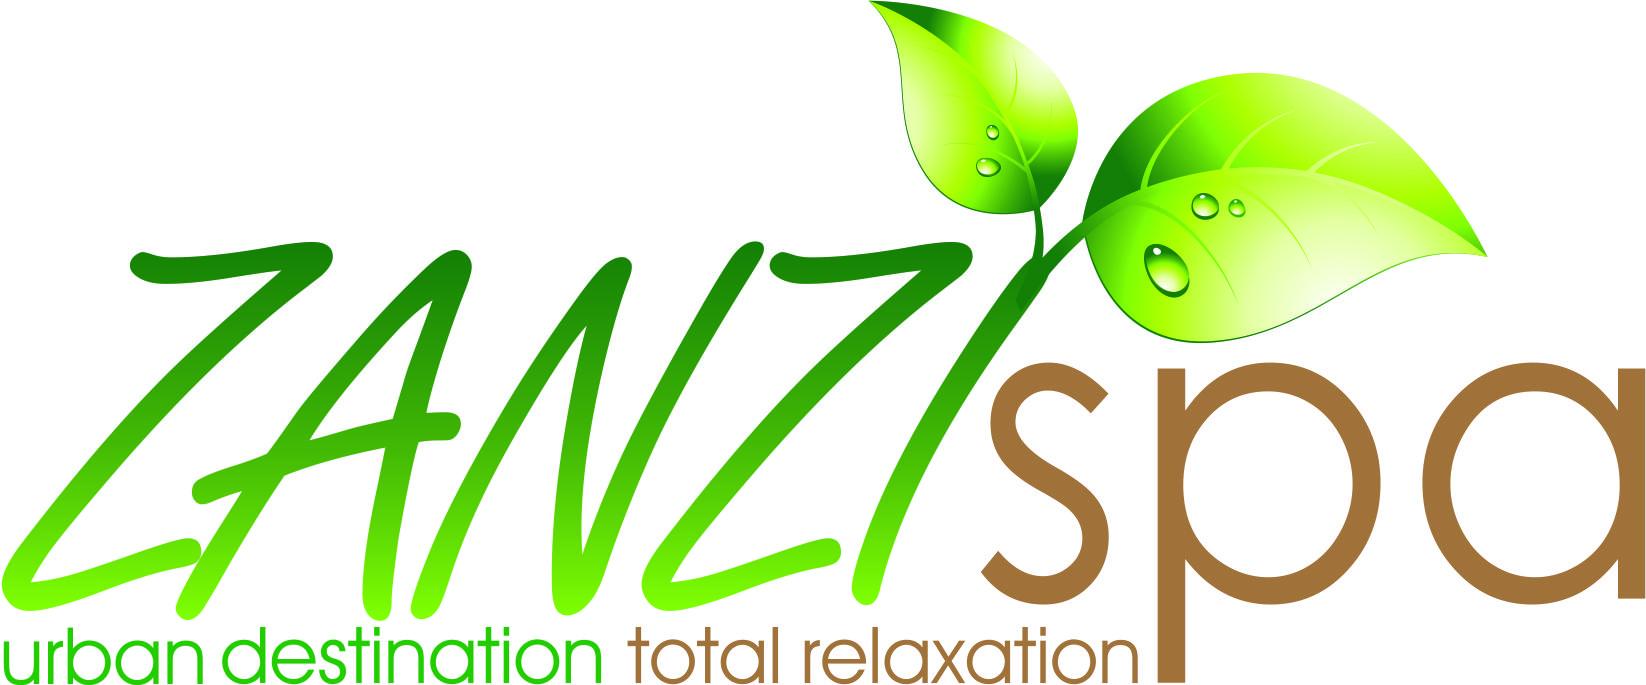 Zanzi Spa Health Spa in Kenridge, Durbanville, Western ...